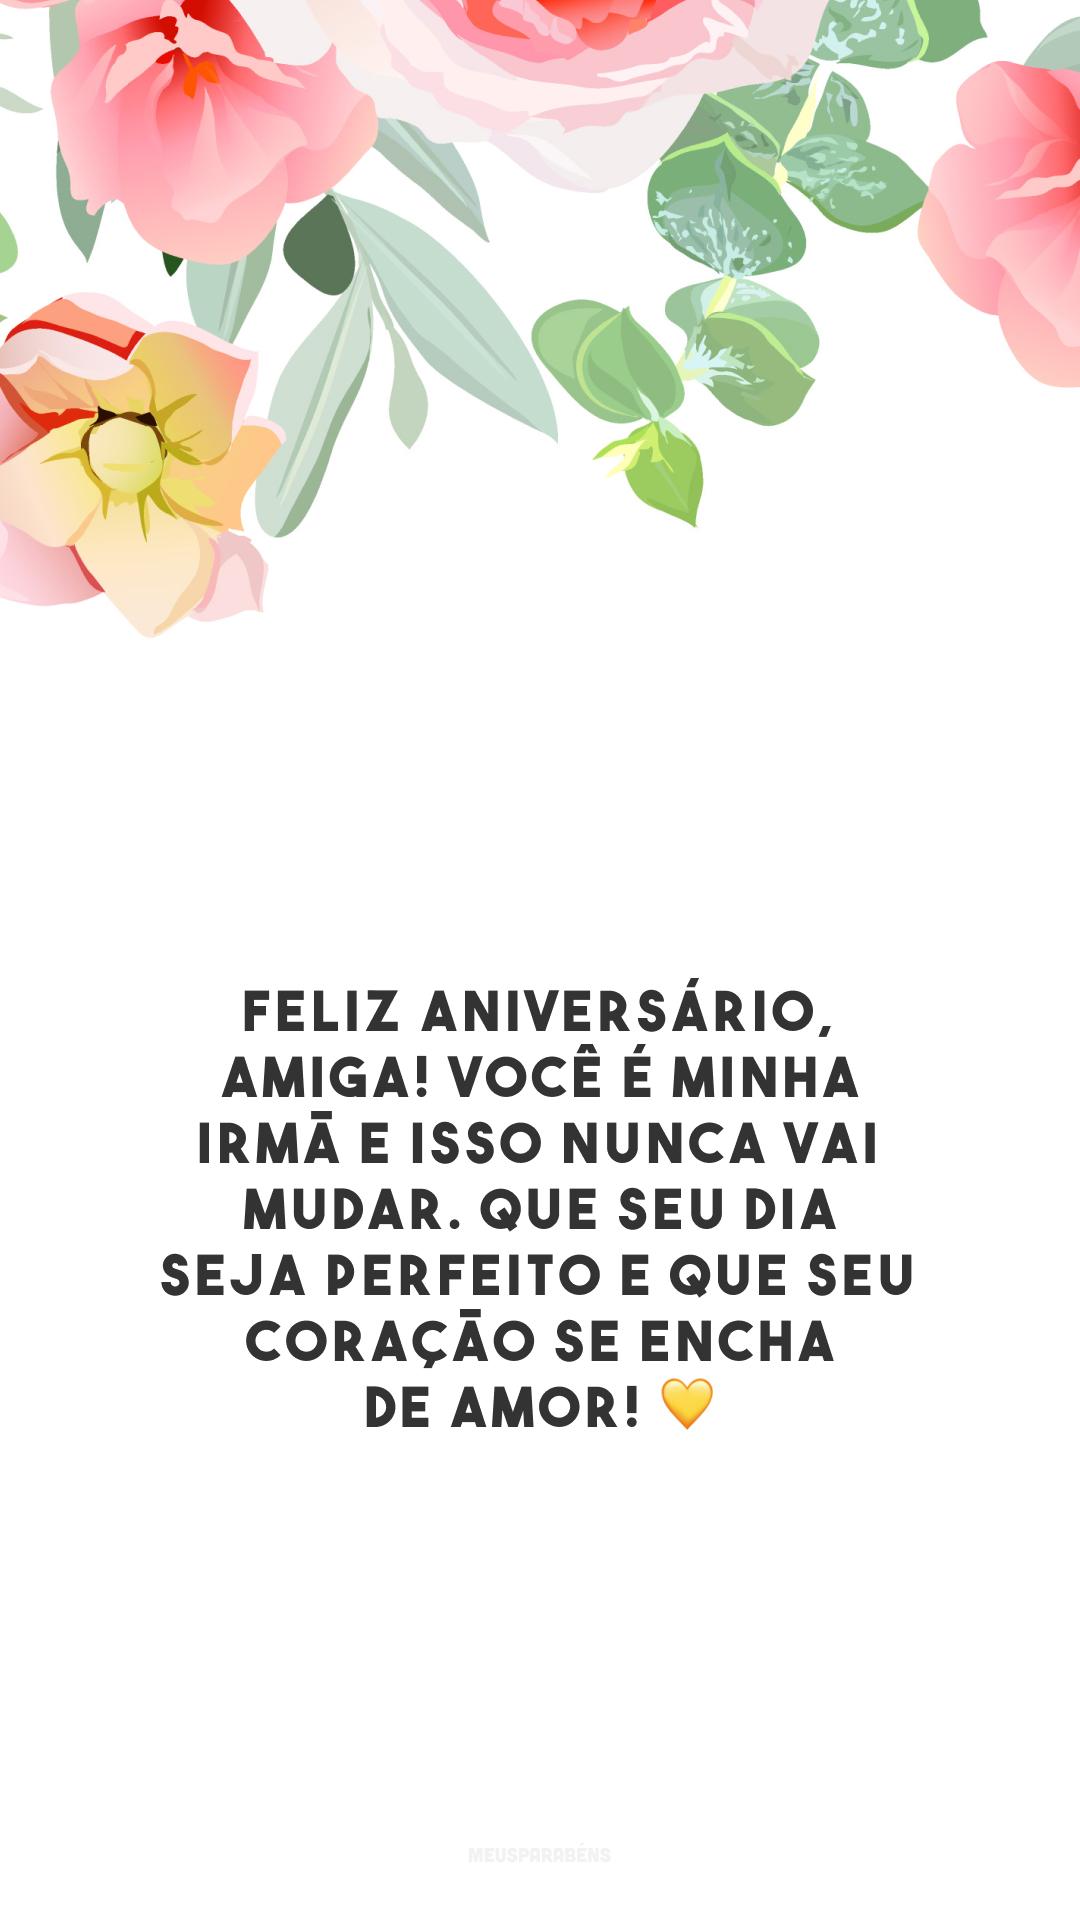 Feliz aniversário, amiga! Você é minha irmã e isso nunca vai mudar. Que seu dia seja perfeito e que seu coração se encha de amor! 💛